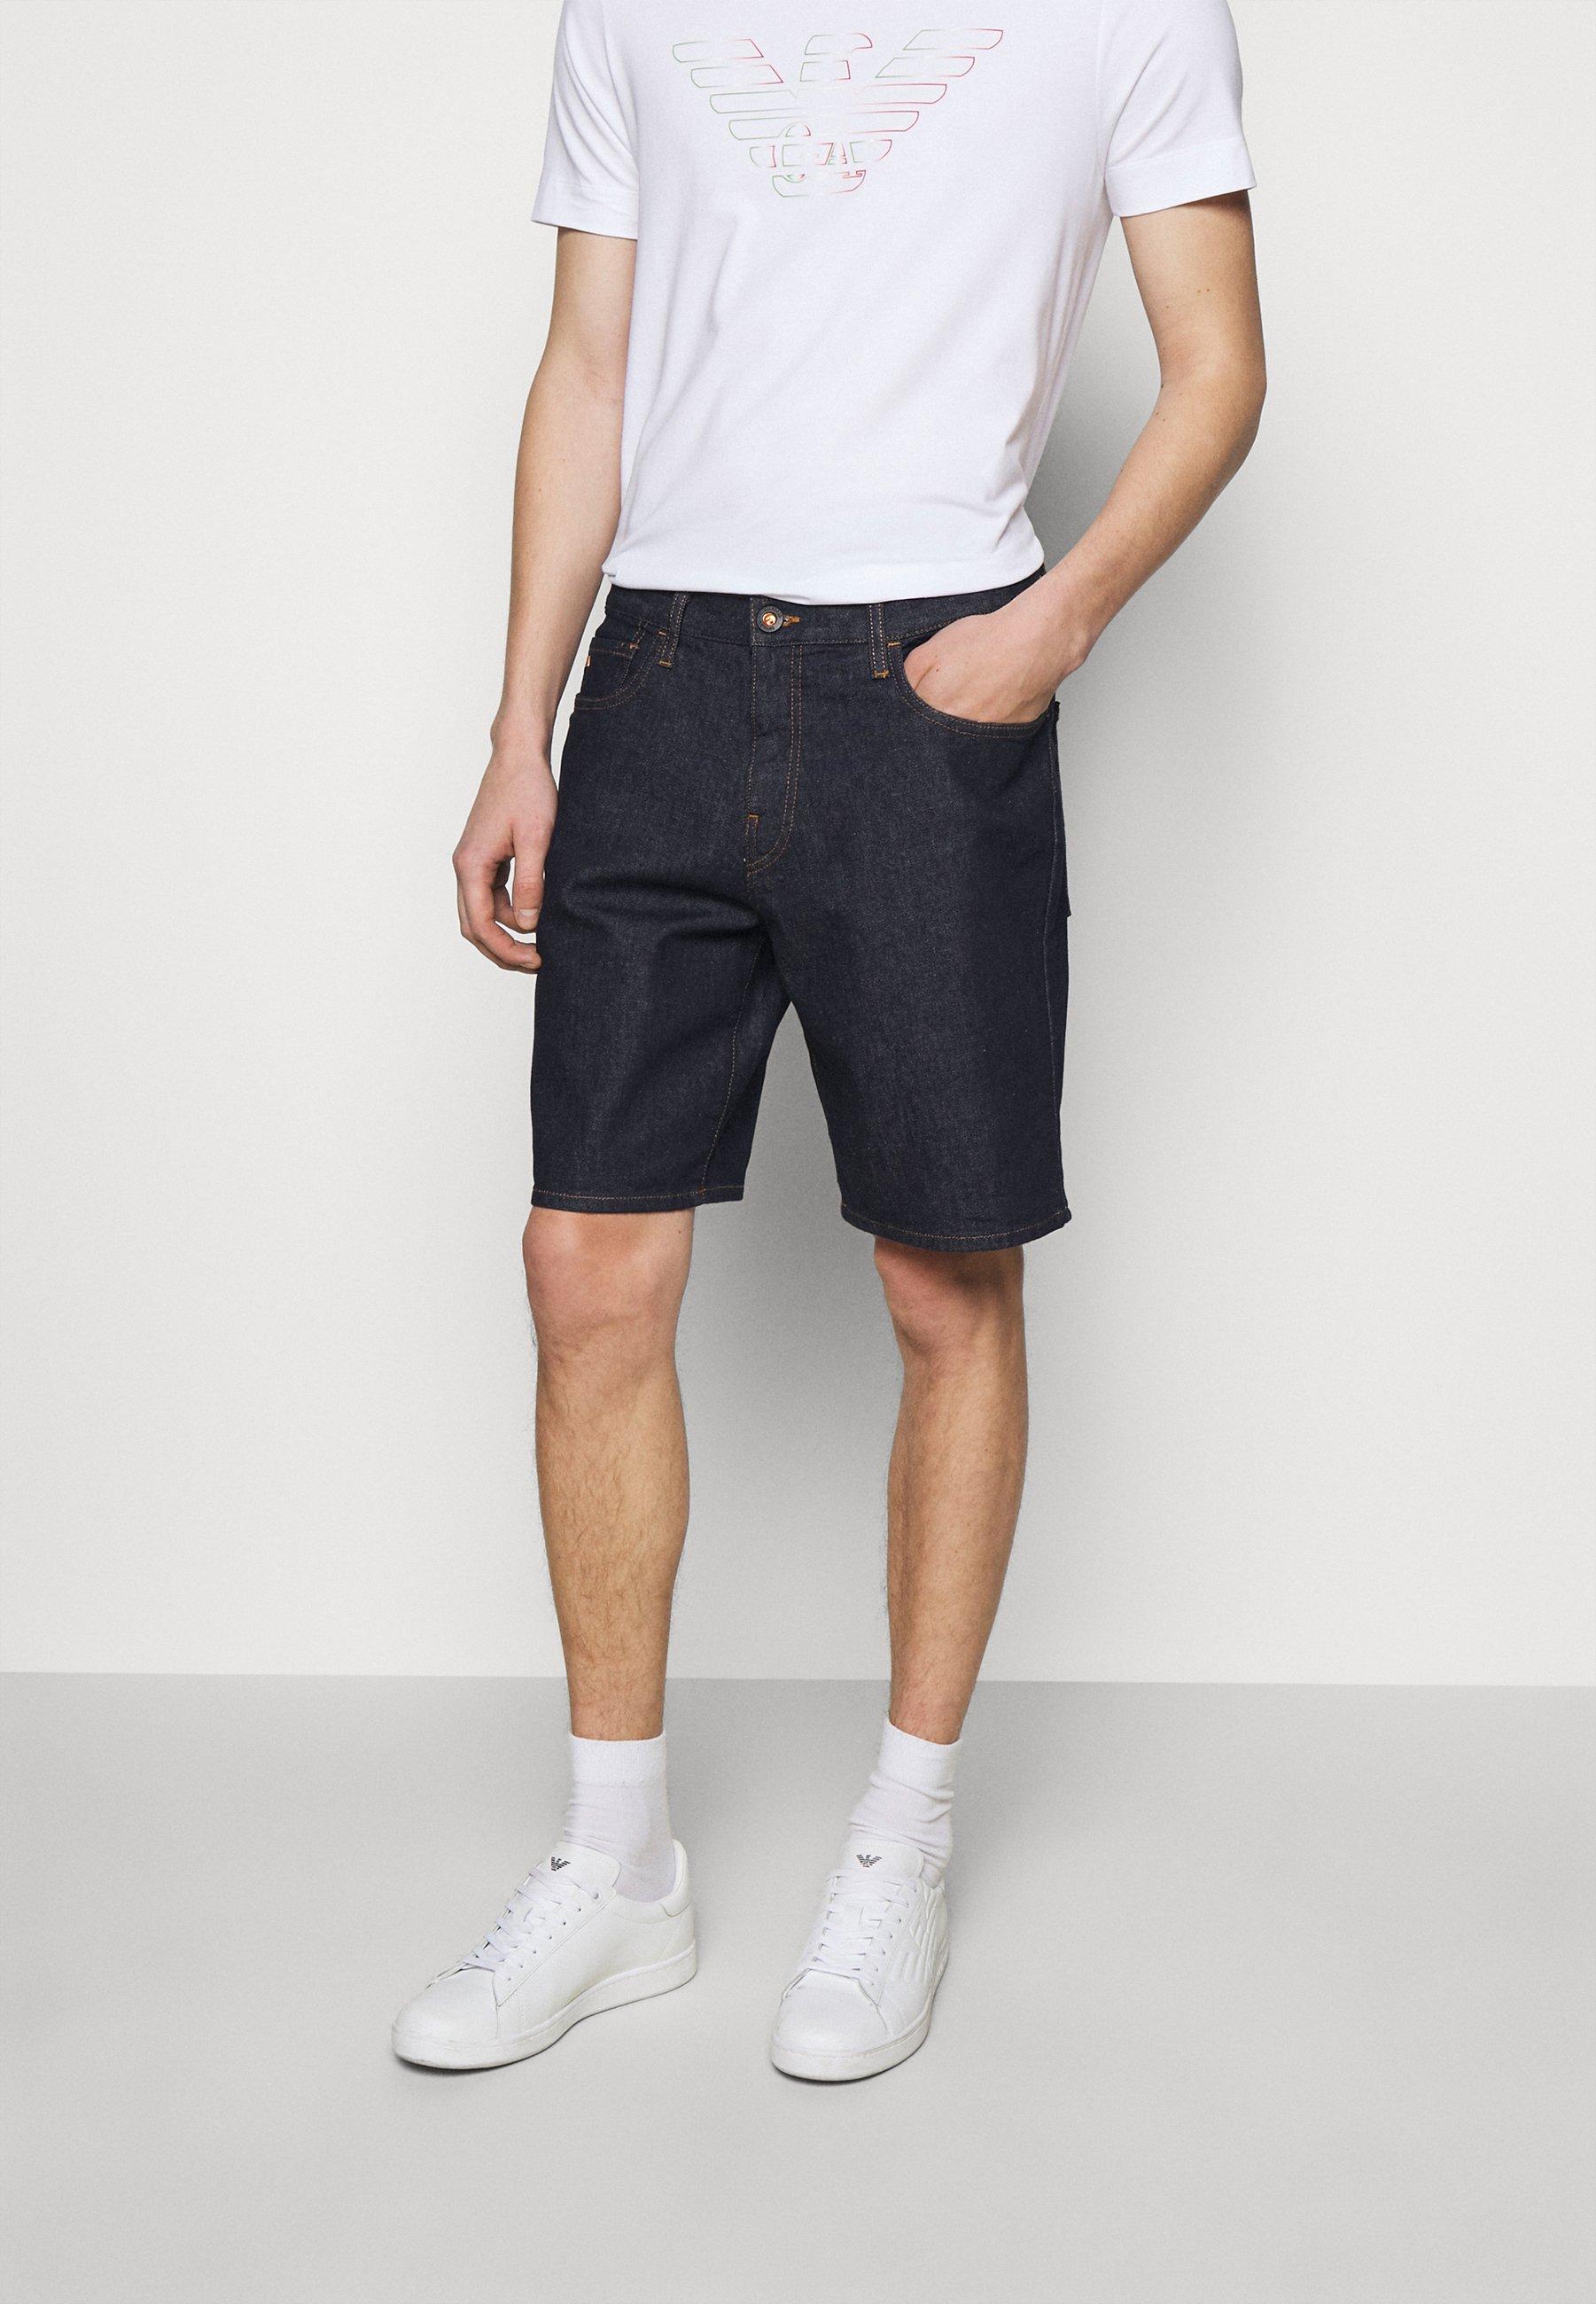 Herrer Jeans Short / cowboy shorts